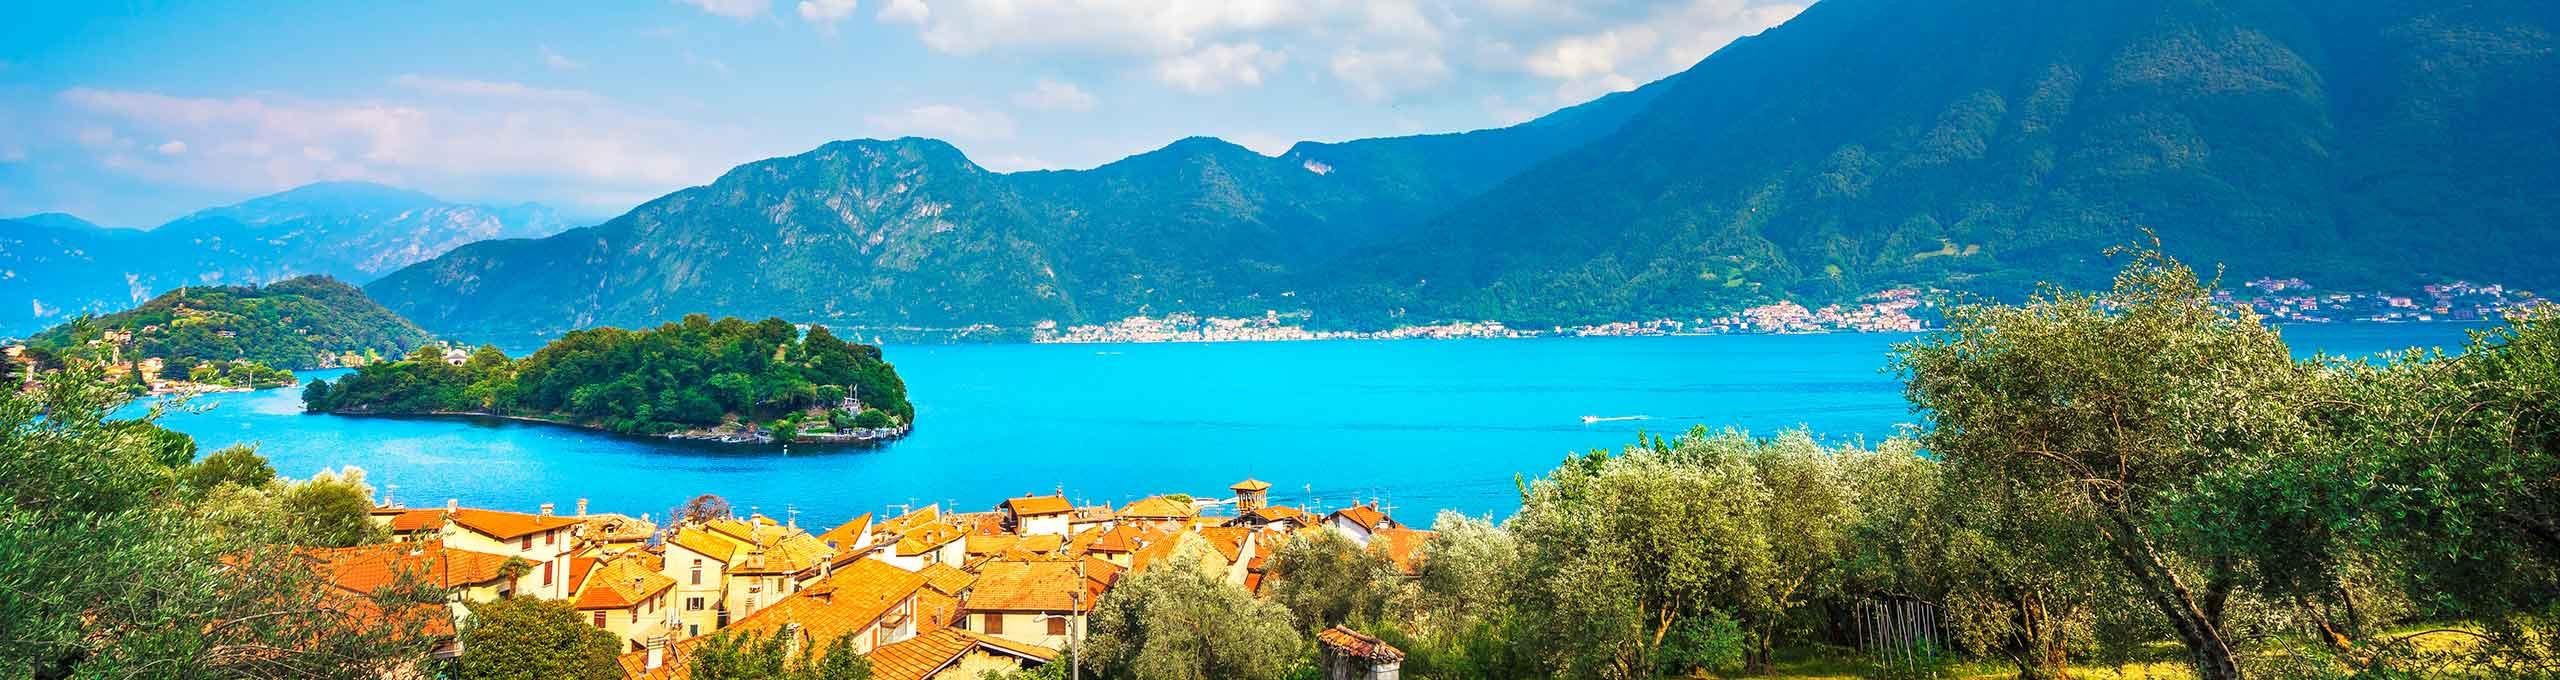 Lago di Como, Isola Comacina